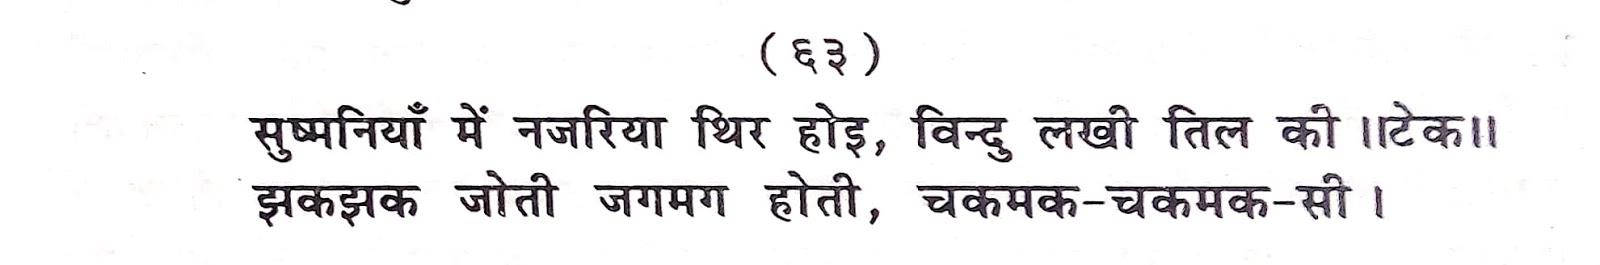 """P63, Empirical description of meditation """"सुष्मनियां में नजरिया थिर होइ।..."""" महर्षि मेंहीं पदावली अर्थ सहित। महर्षि मेंहीं पदावली भजन नंबर 63।"""